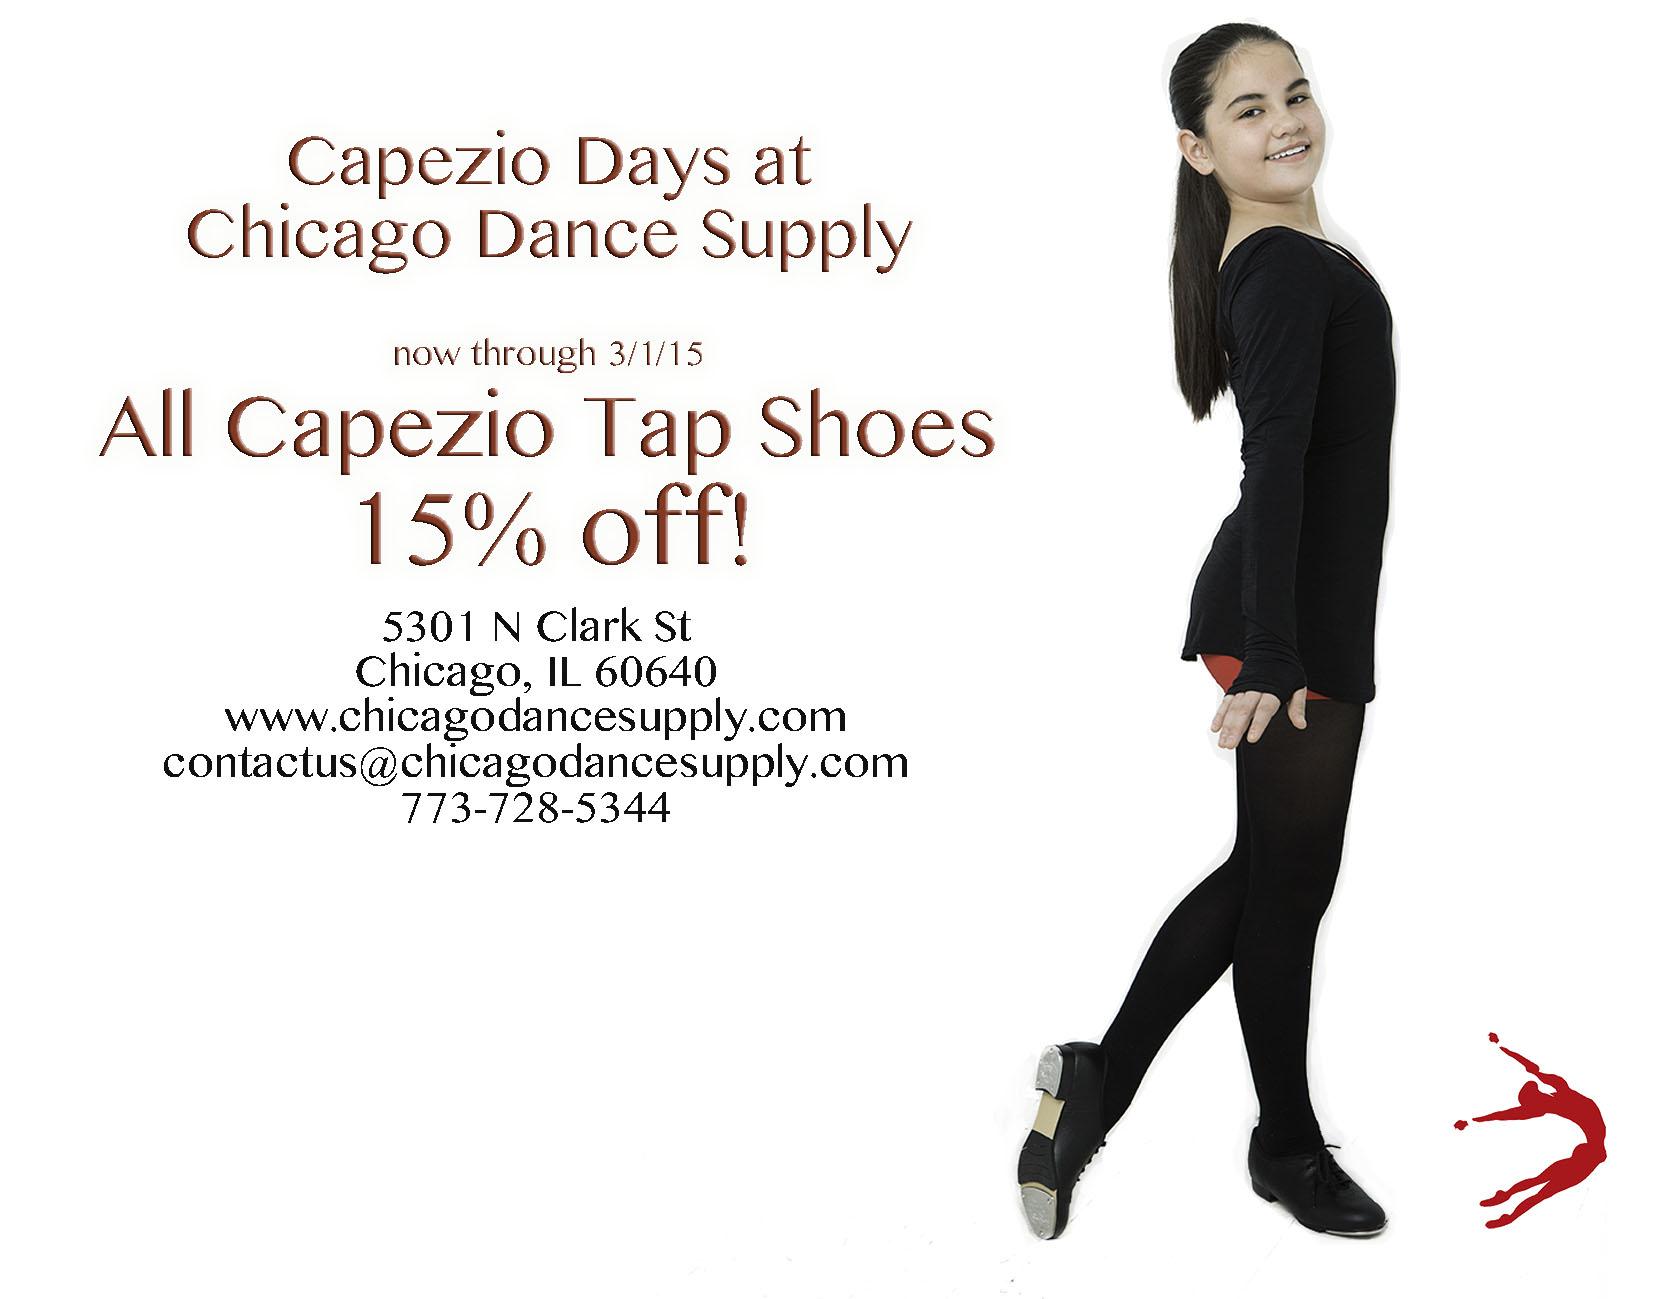 Capezio Tap Shoe Sale at Chicago Dance Supply